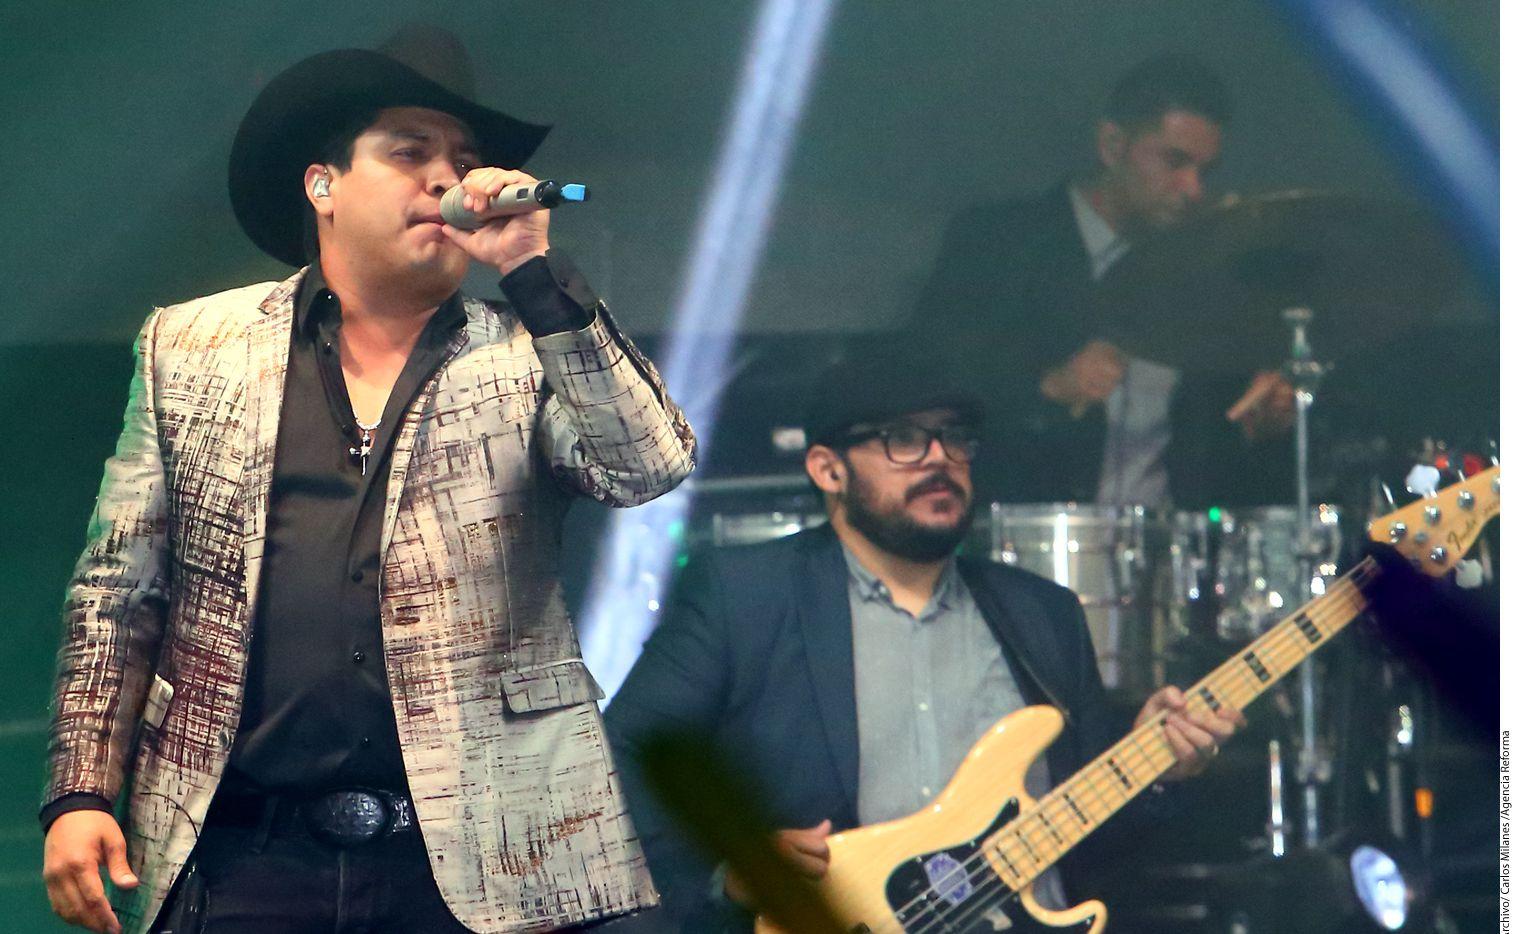 A través de un video, el cantante Julión Álvarez contó que empresarios de Monterrey le robaron su nombre y cobran para devolvérselo./AGENCIA REFORMA